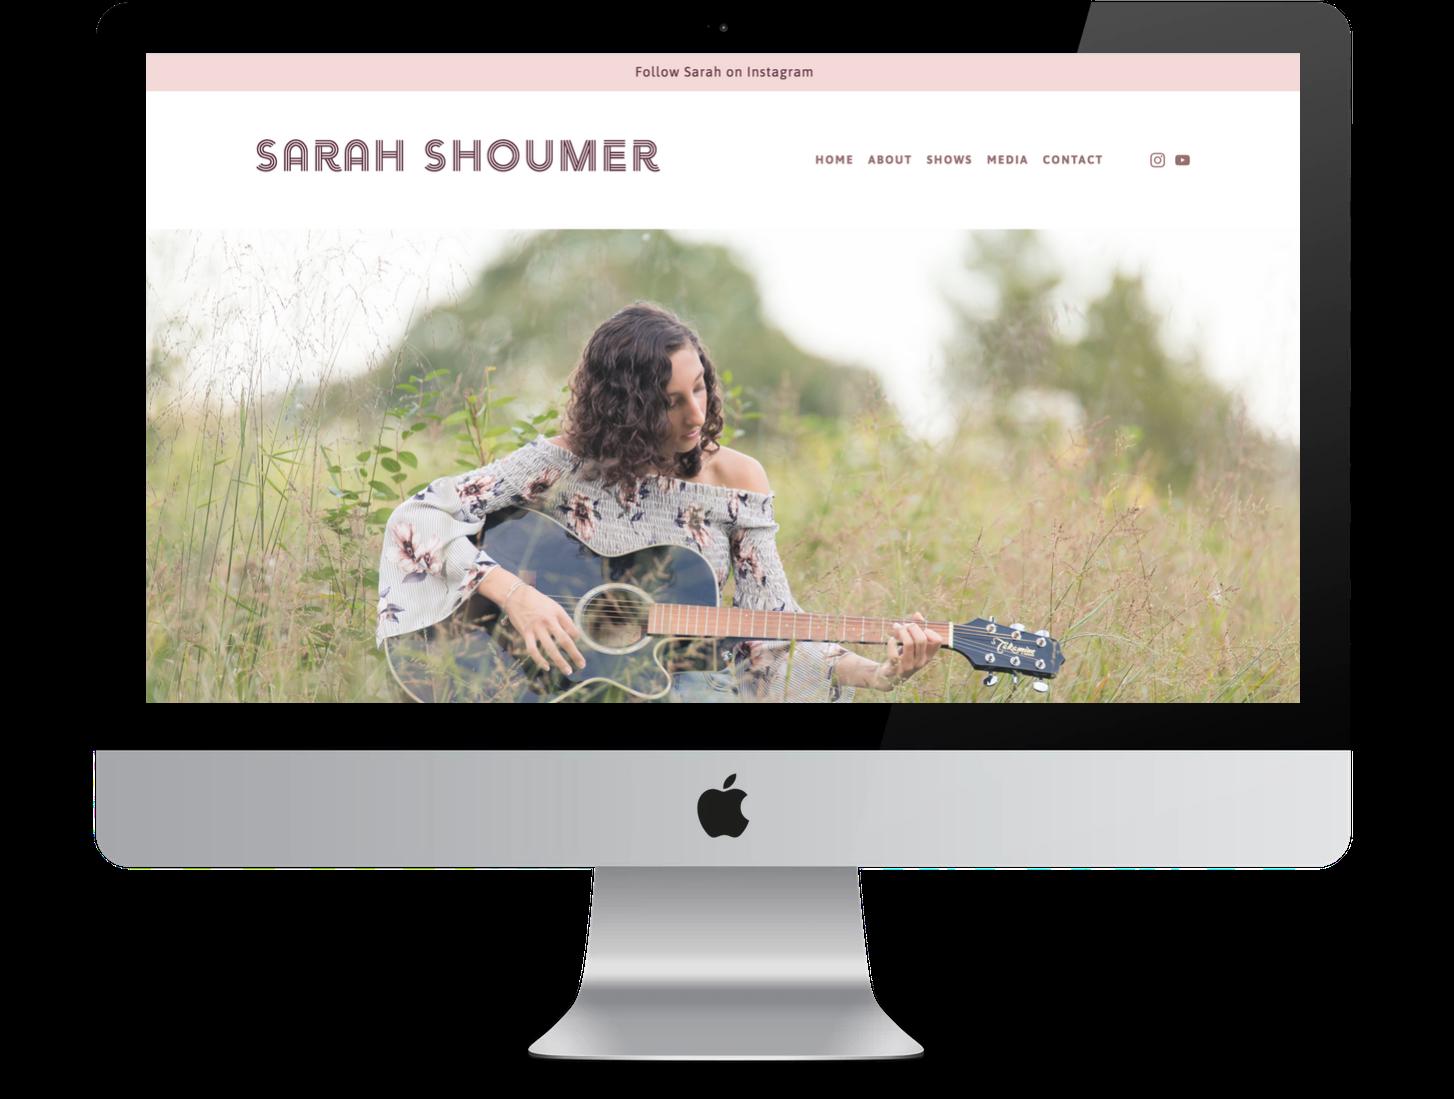 Sarah Shoumer